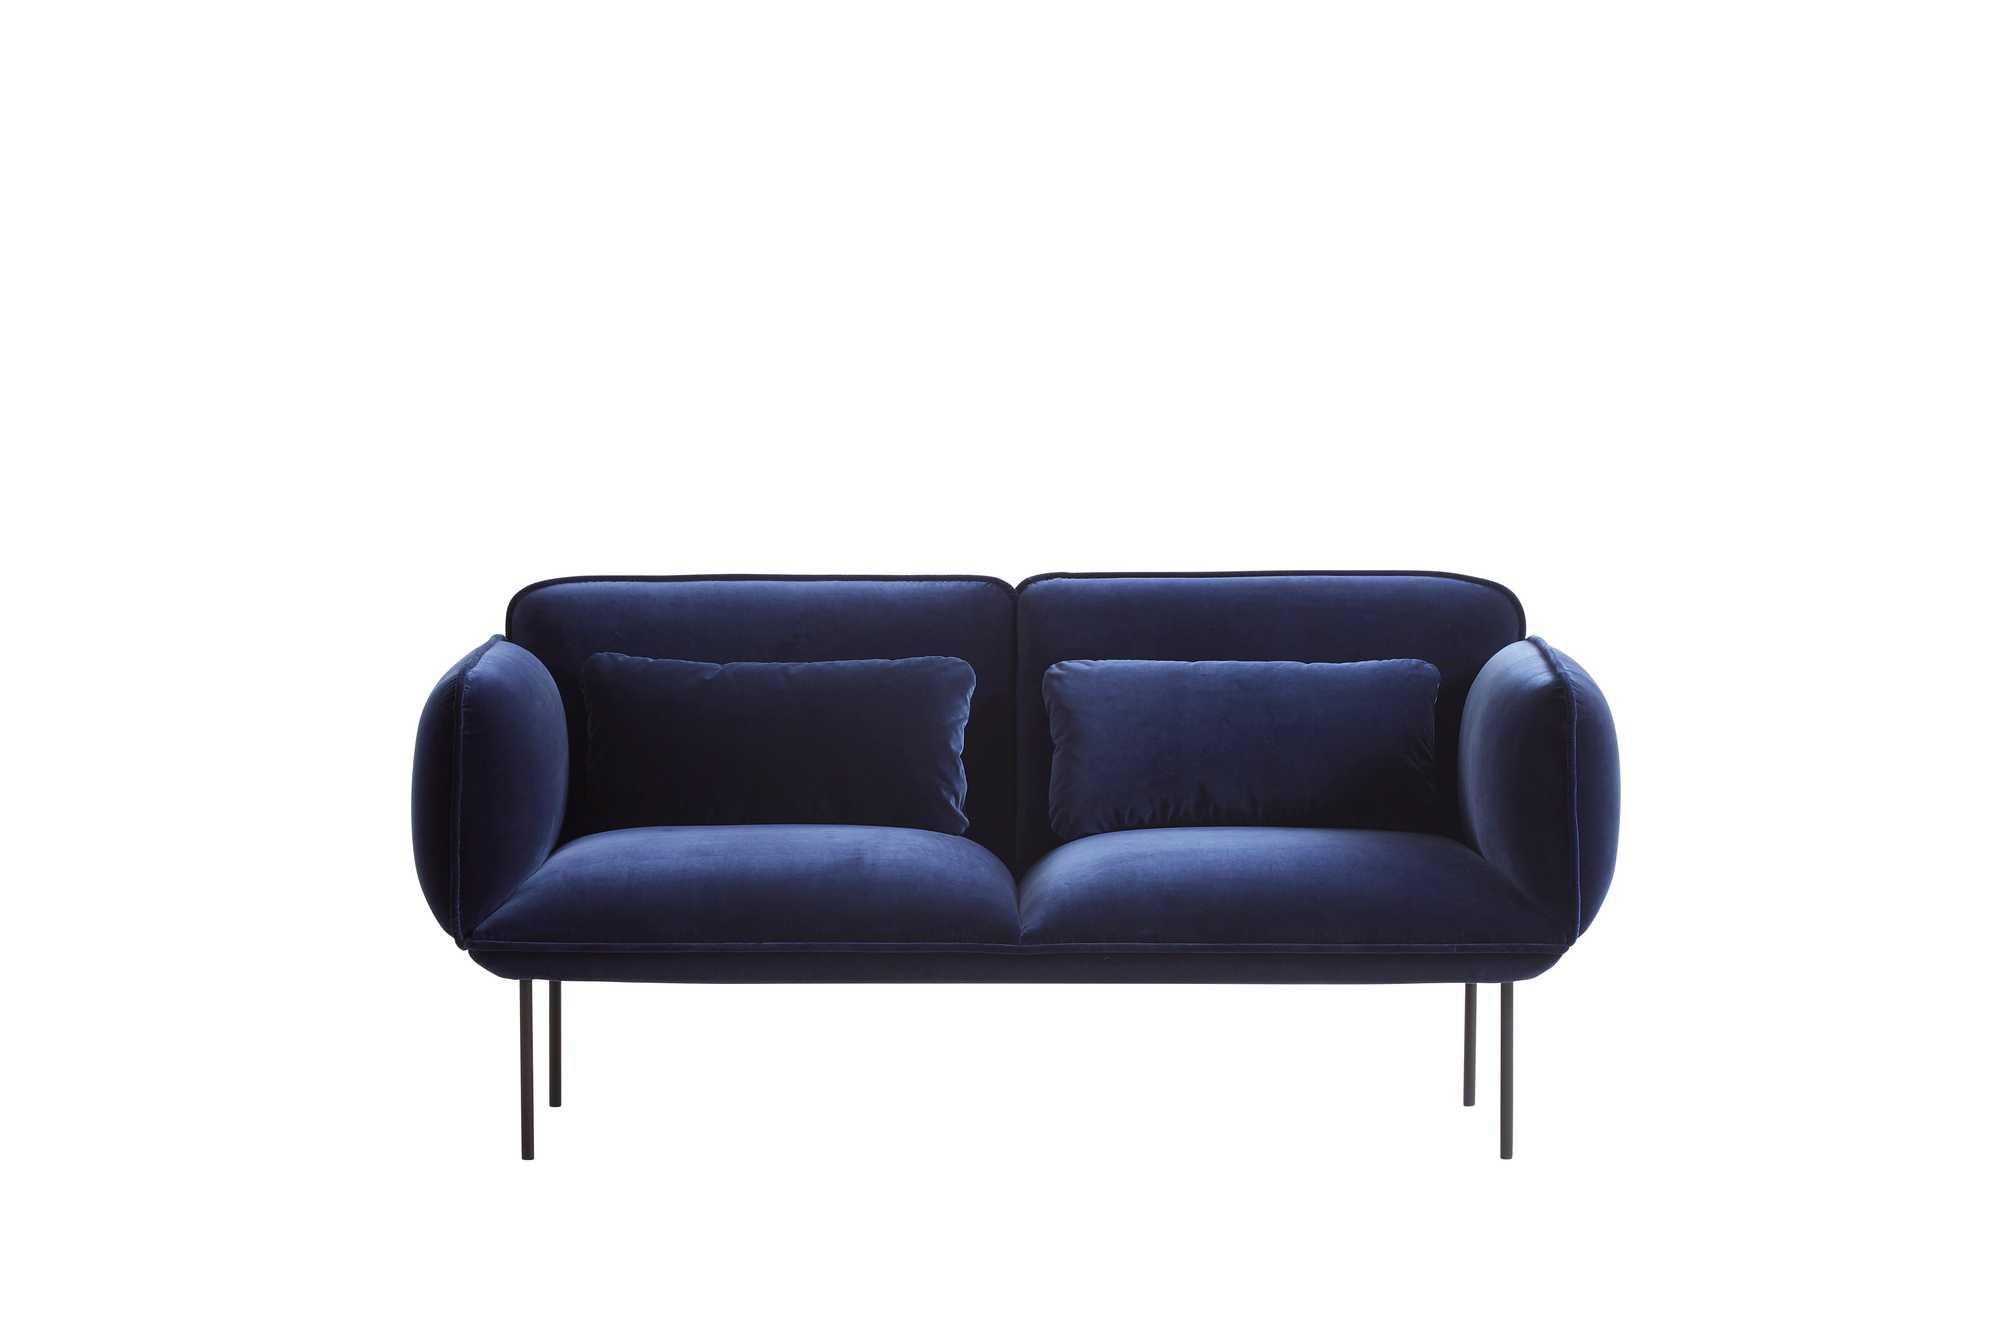 105051_Nakki 2 velvet w cushion 1 xposed copy